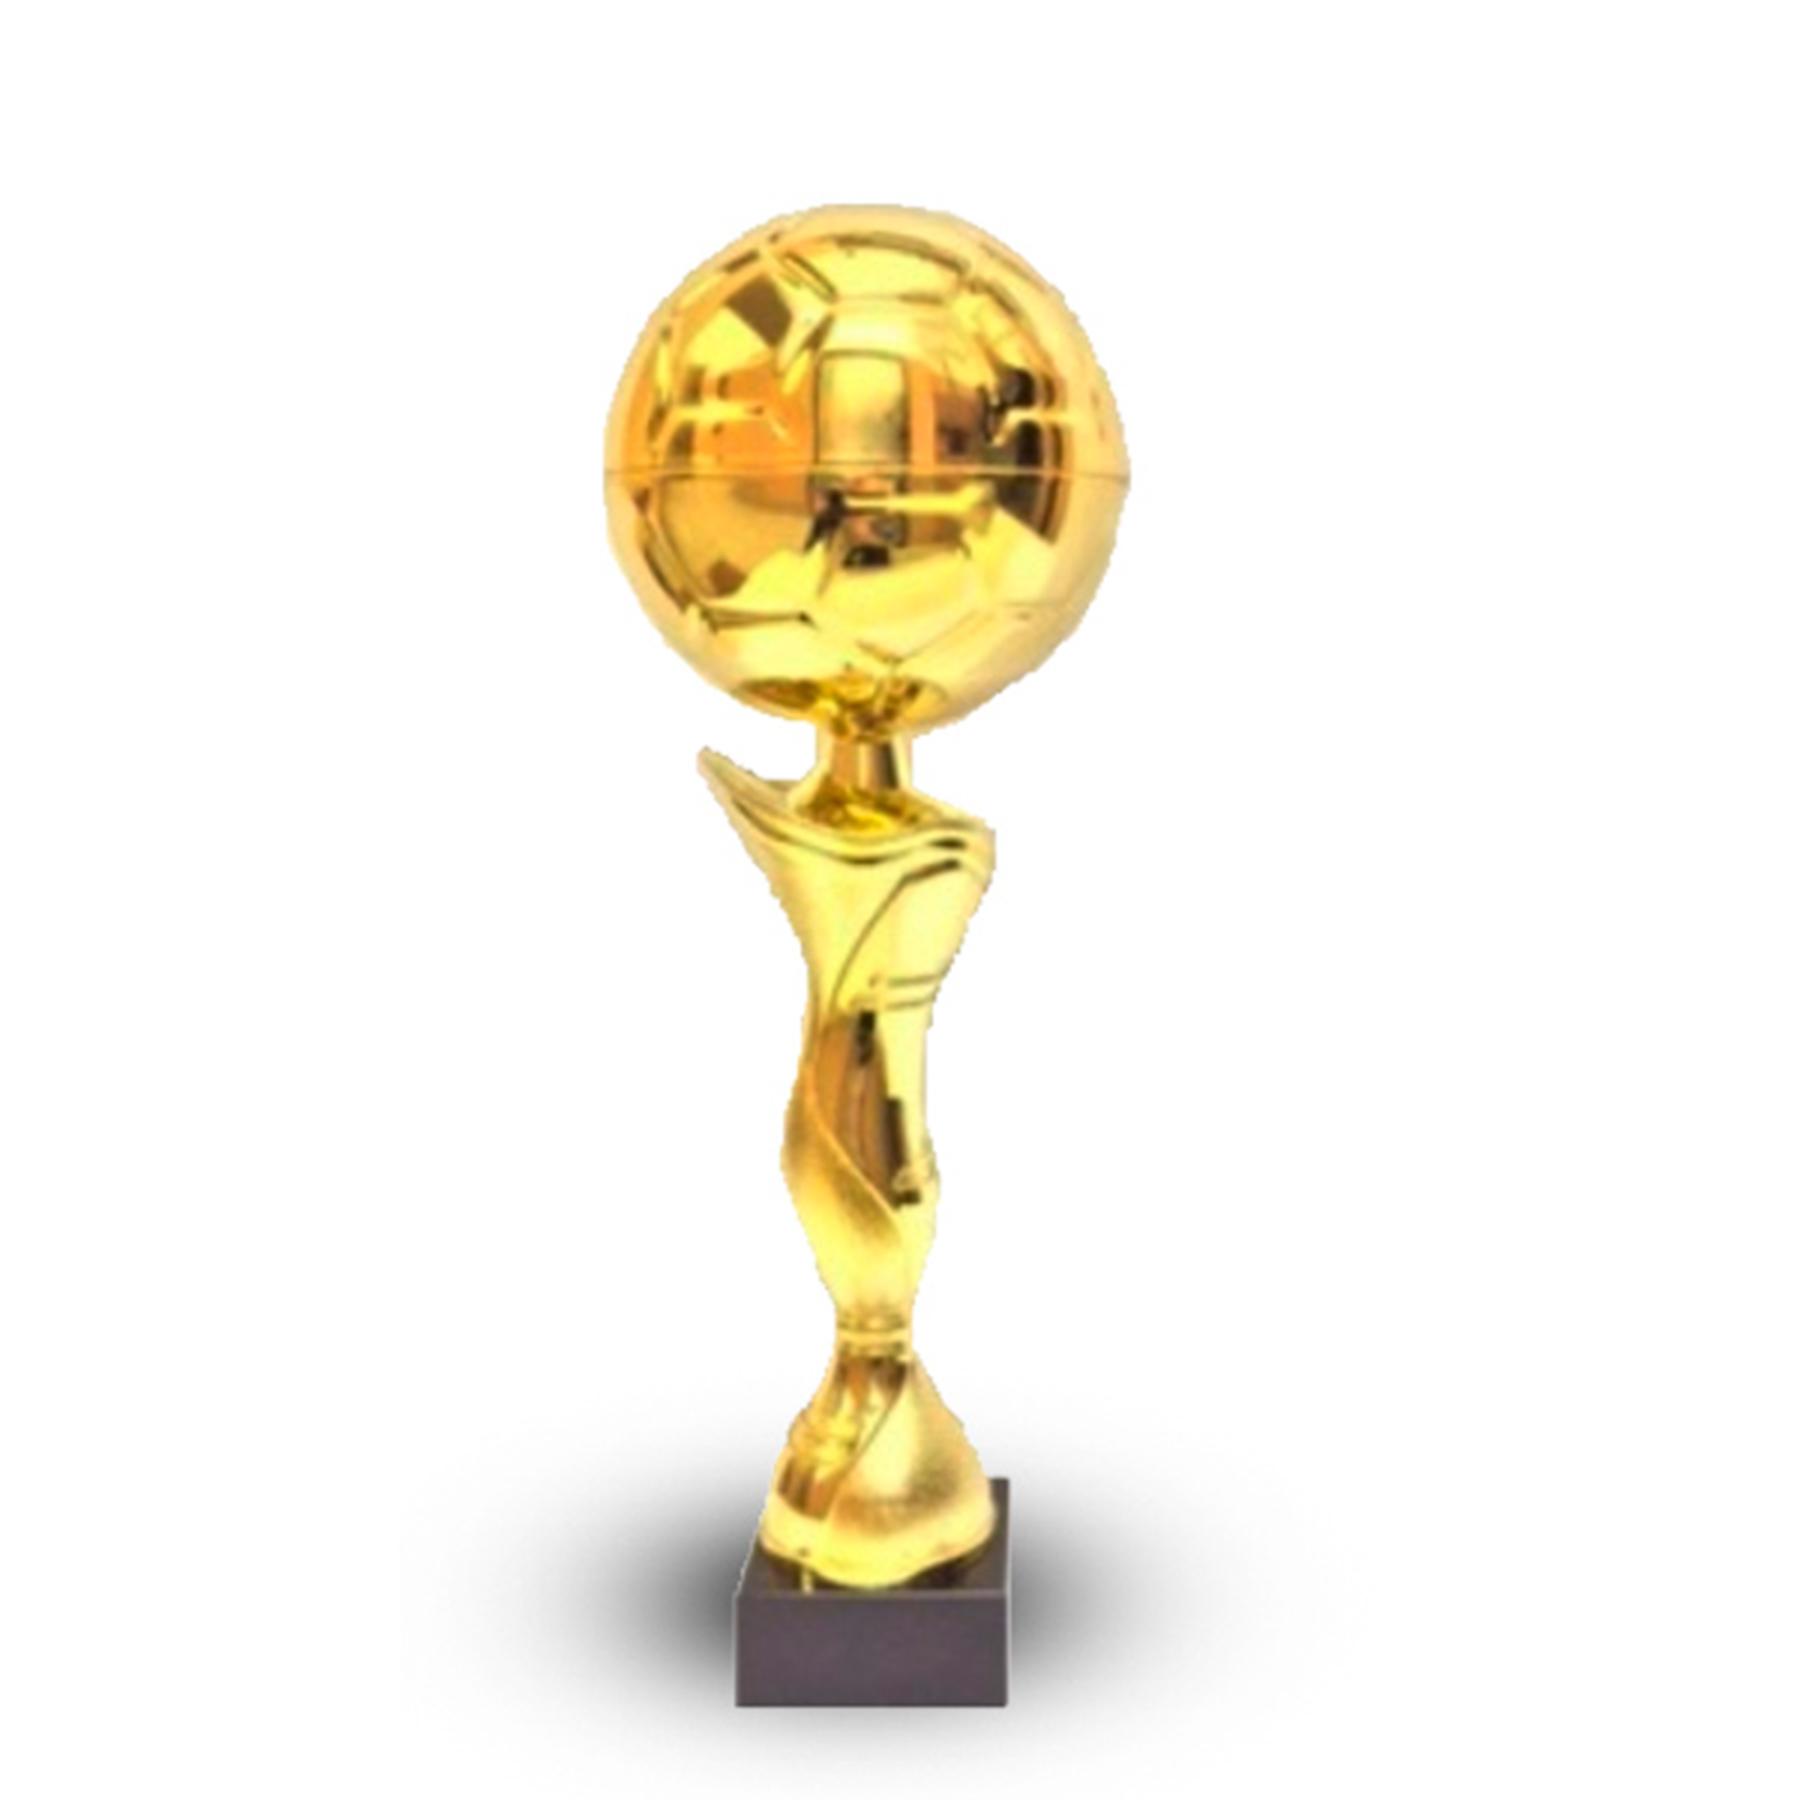 Кубок 410В футбольный мяч золото h-37см